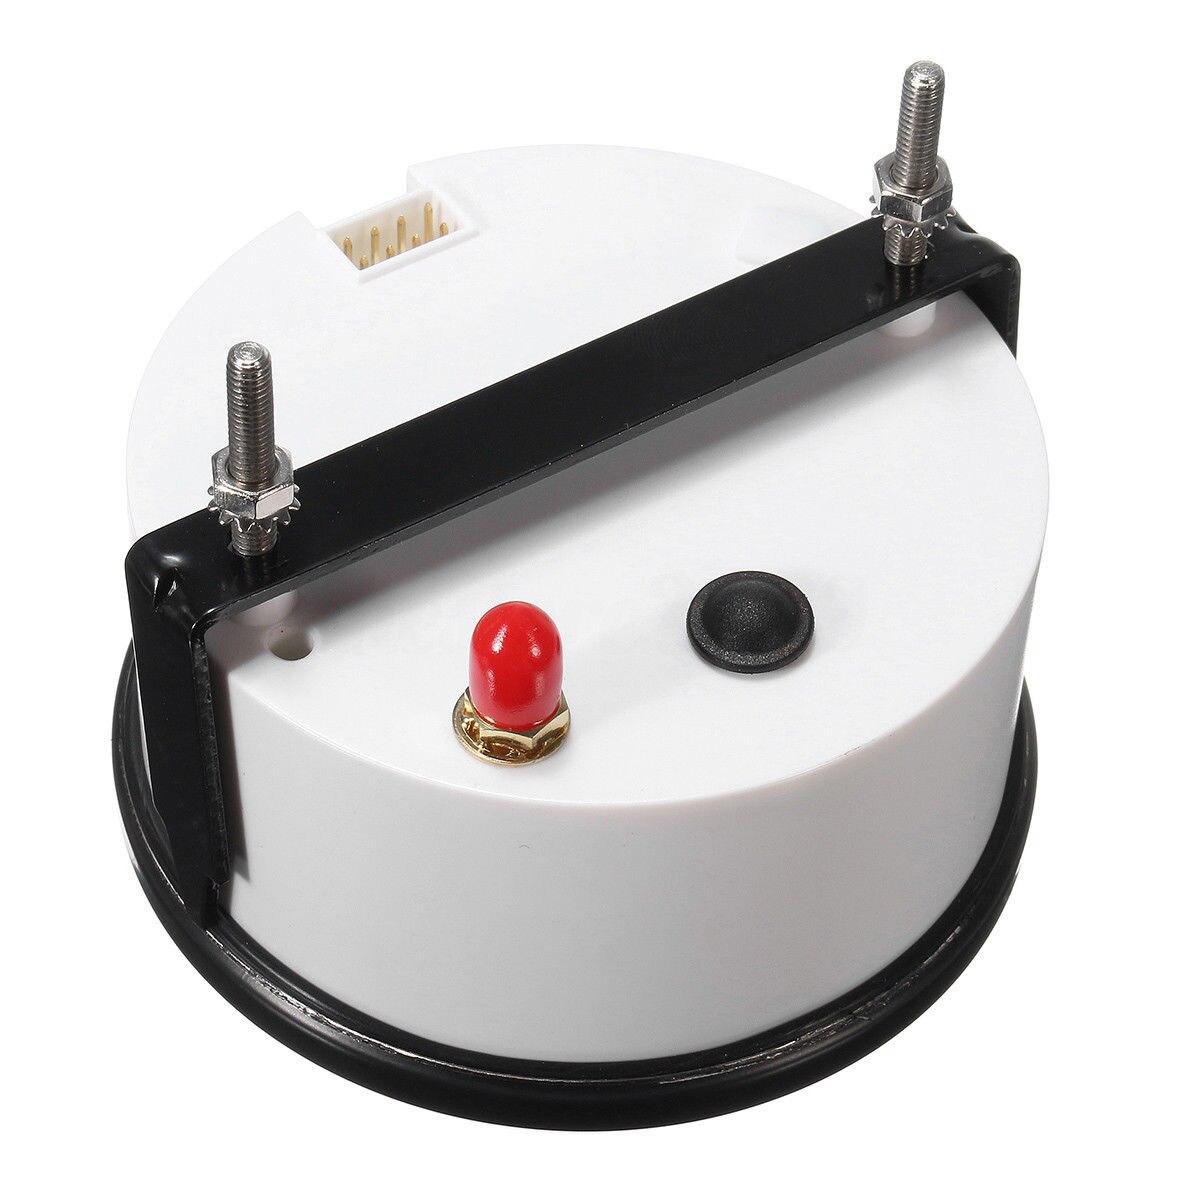 Jauges numériques imperméables automatiques de compteur de vitesse de Gps de moteur de voiture de 85Mm 200 Km/H - 5